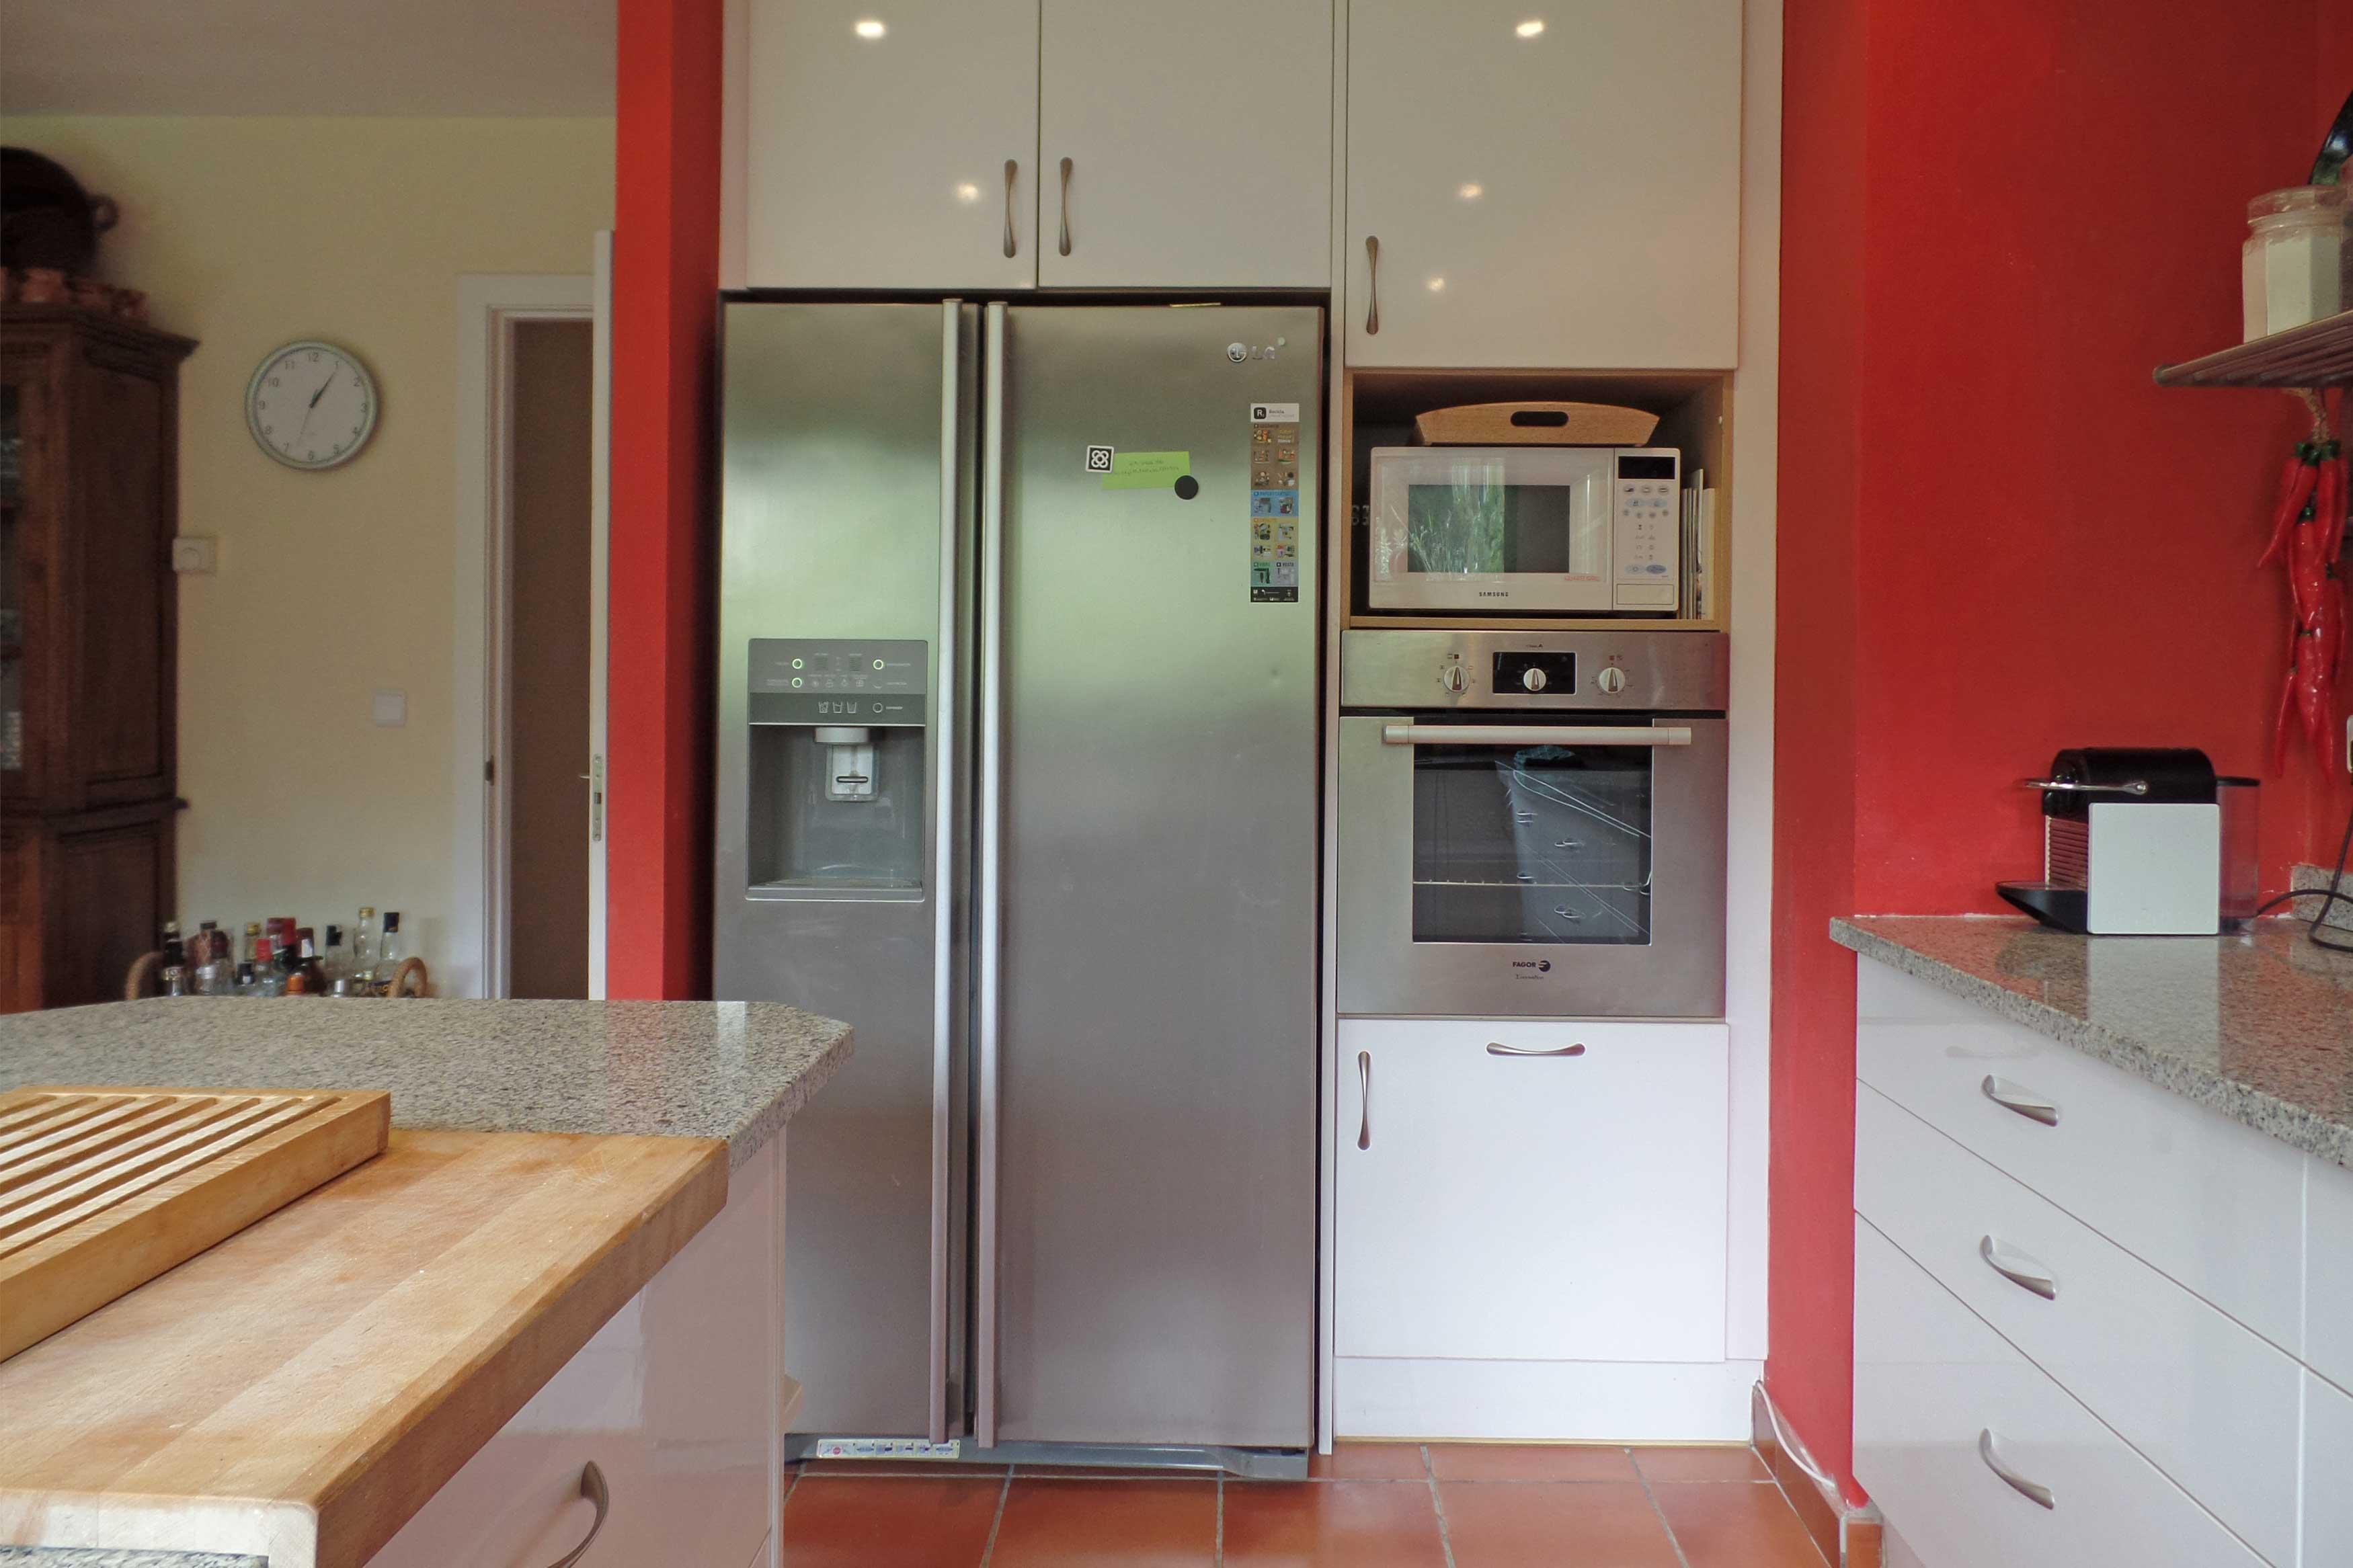 Keuken Villa Oosterhoff met koelkast en oven